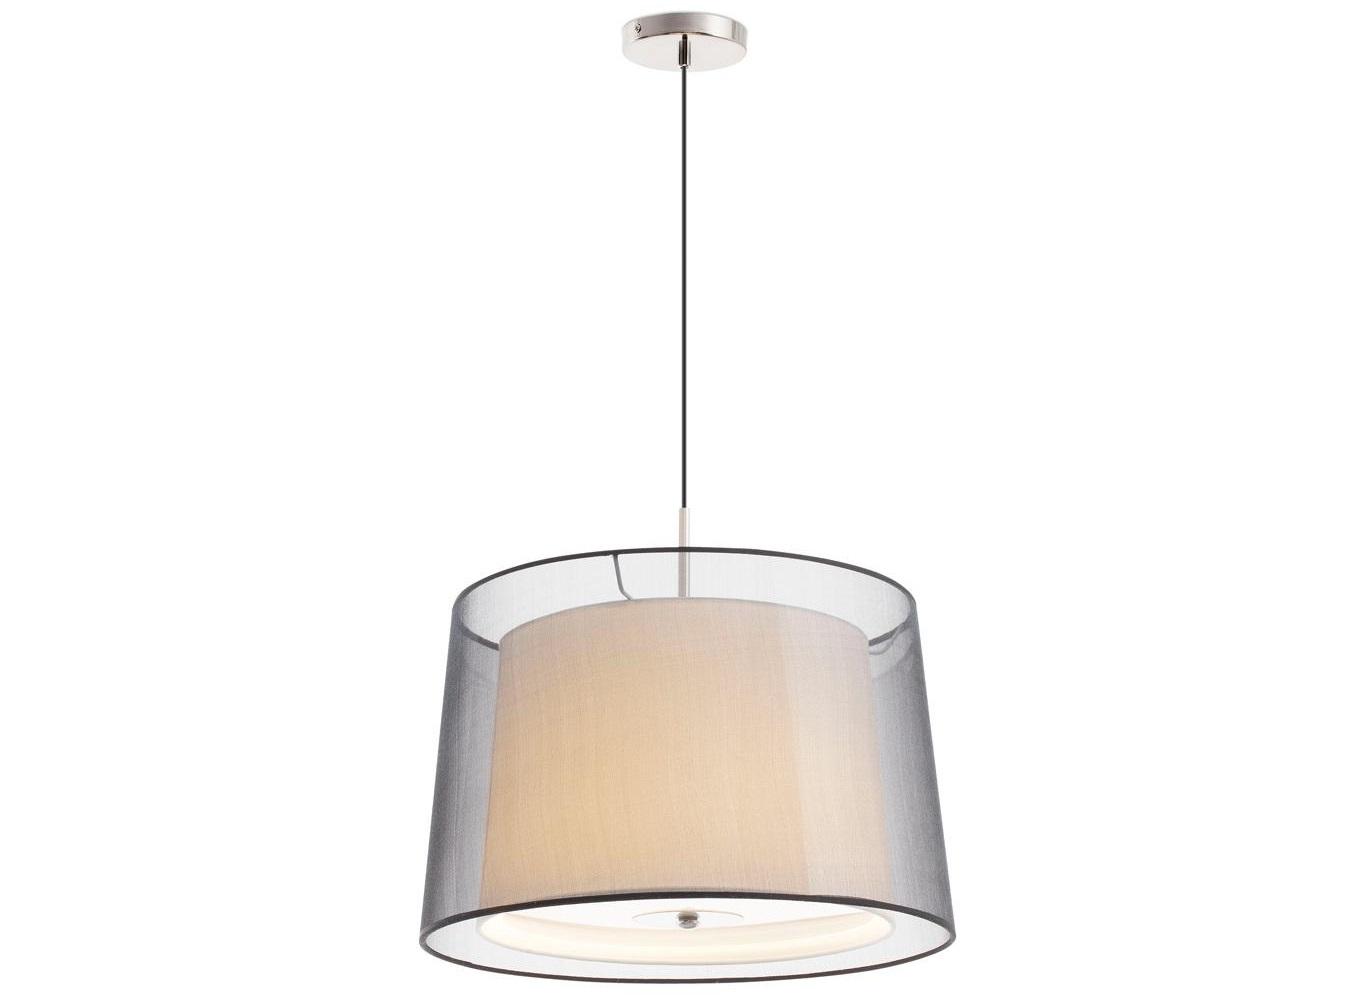 Люстра SabaПодвесные светильники<br>Люстра Saba является частью обширной одноименной коллекции, которая также включает настольные светильники, бра, торшеры и подвесы со схожим дизайном. Изделие имеет двойной абажур, один из которых изготовлен из текстиля. В нижней части внутреннего абажура установлен диффузор, произведенный из матированного опалового стекла. Благодаря ему освещение приобретают особенное великолепие, становится менее интенсивным и приятным для зрения.  Конструкция дизайнерского светильника Saba имеет никелированное покрытие. Прибор работает от трех ламп, которые не входят в комплект. Высота подвесной нити может корректироваться.&amp;amp;nbsp;&amp;lt;div&amp;gt;&amp;lt;br&amp;gt;&amp;lt;div&amp;gt;&amp;lt;div&amp;gt;Цоколь: E27&amp;lt;/div&amp;gt;&amp;lt;div&amp;gt;Мощность лампы: 40W&amp;lt;/div&amp;gt;&amp;lt;div&amp;gt;Количество ламп: 1&amp;lt;/div&amp;gt;&amp;lt;/div&amp;gt;&amp;lt;/div&amp;gt;<br><br>Material: Металл<br>Height см: 120<br>Diameter см: 46